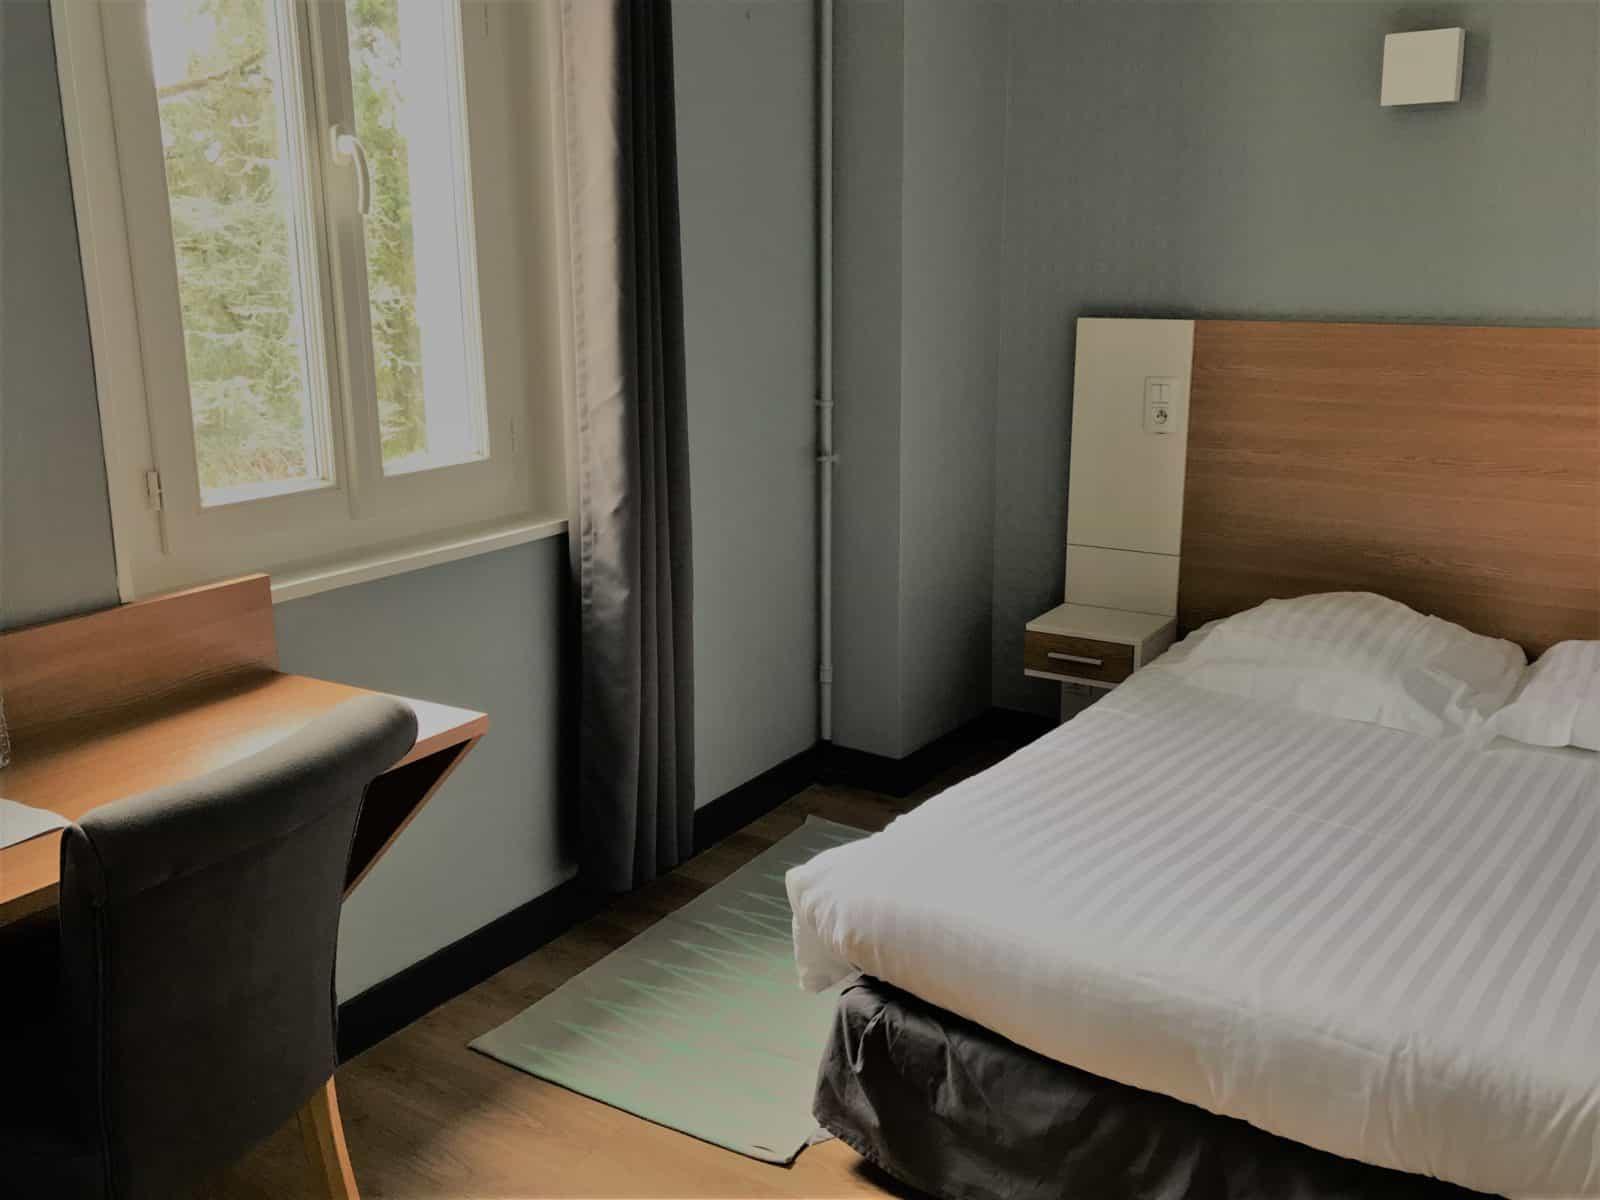 hotel-brive-chambre-simple